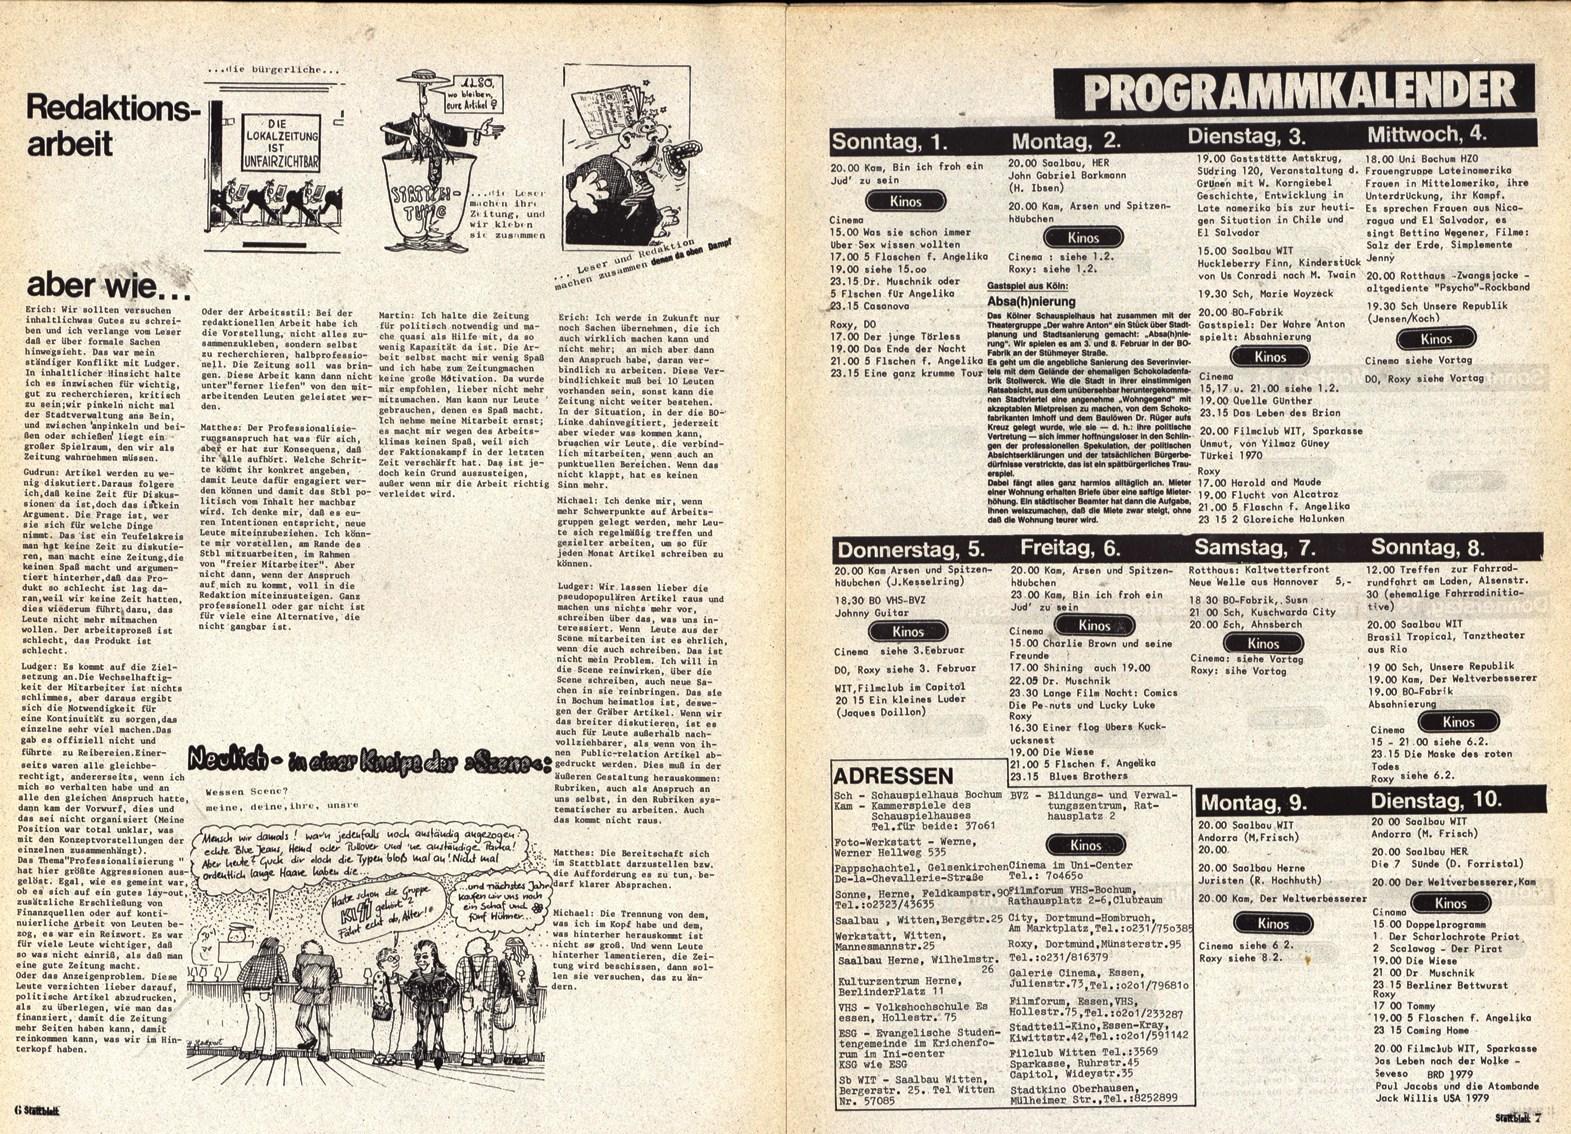 Bochum_Stattblatt_19810200_45_11